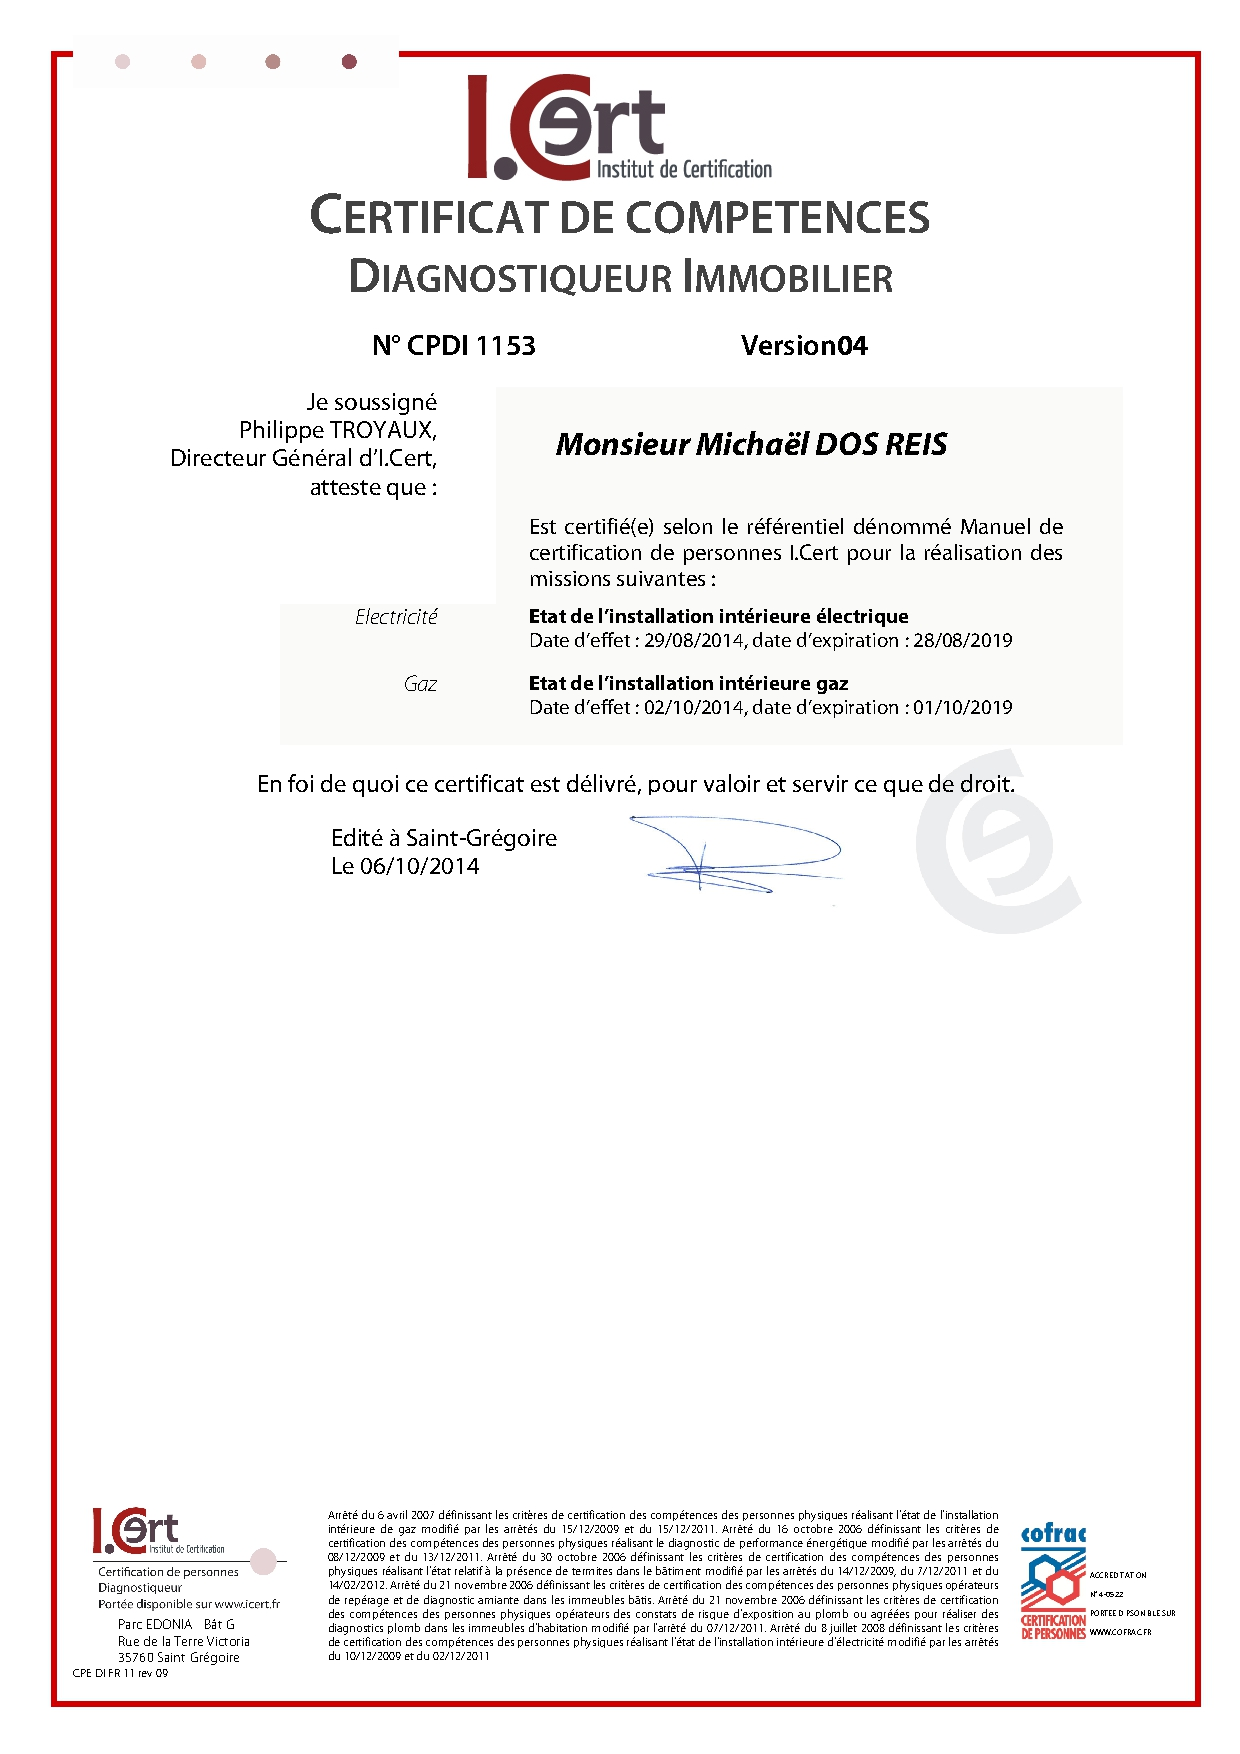 Certificat de compétences diagnostiqueur immobilier